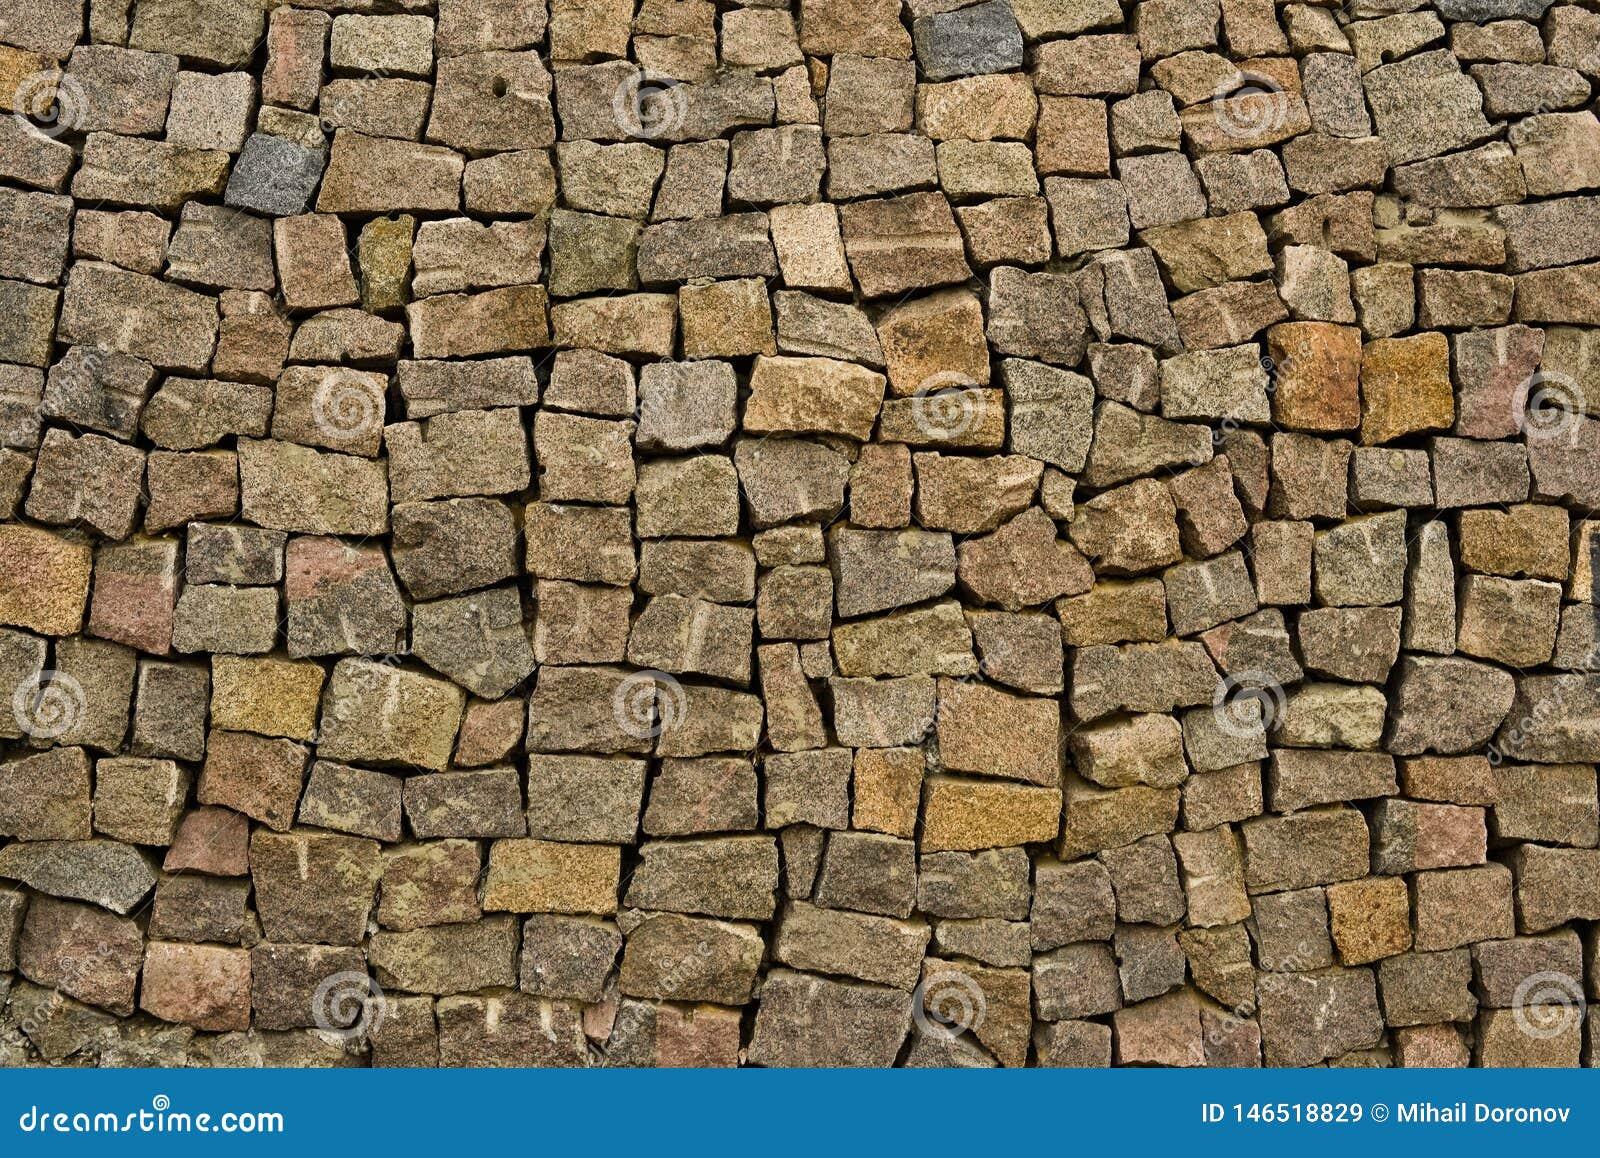 Hintergrund oder Beschaffenheit der Steinwand